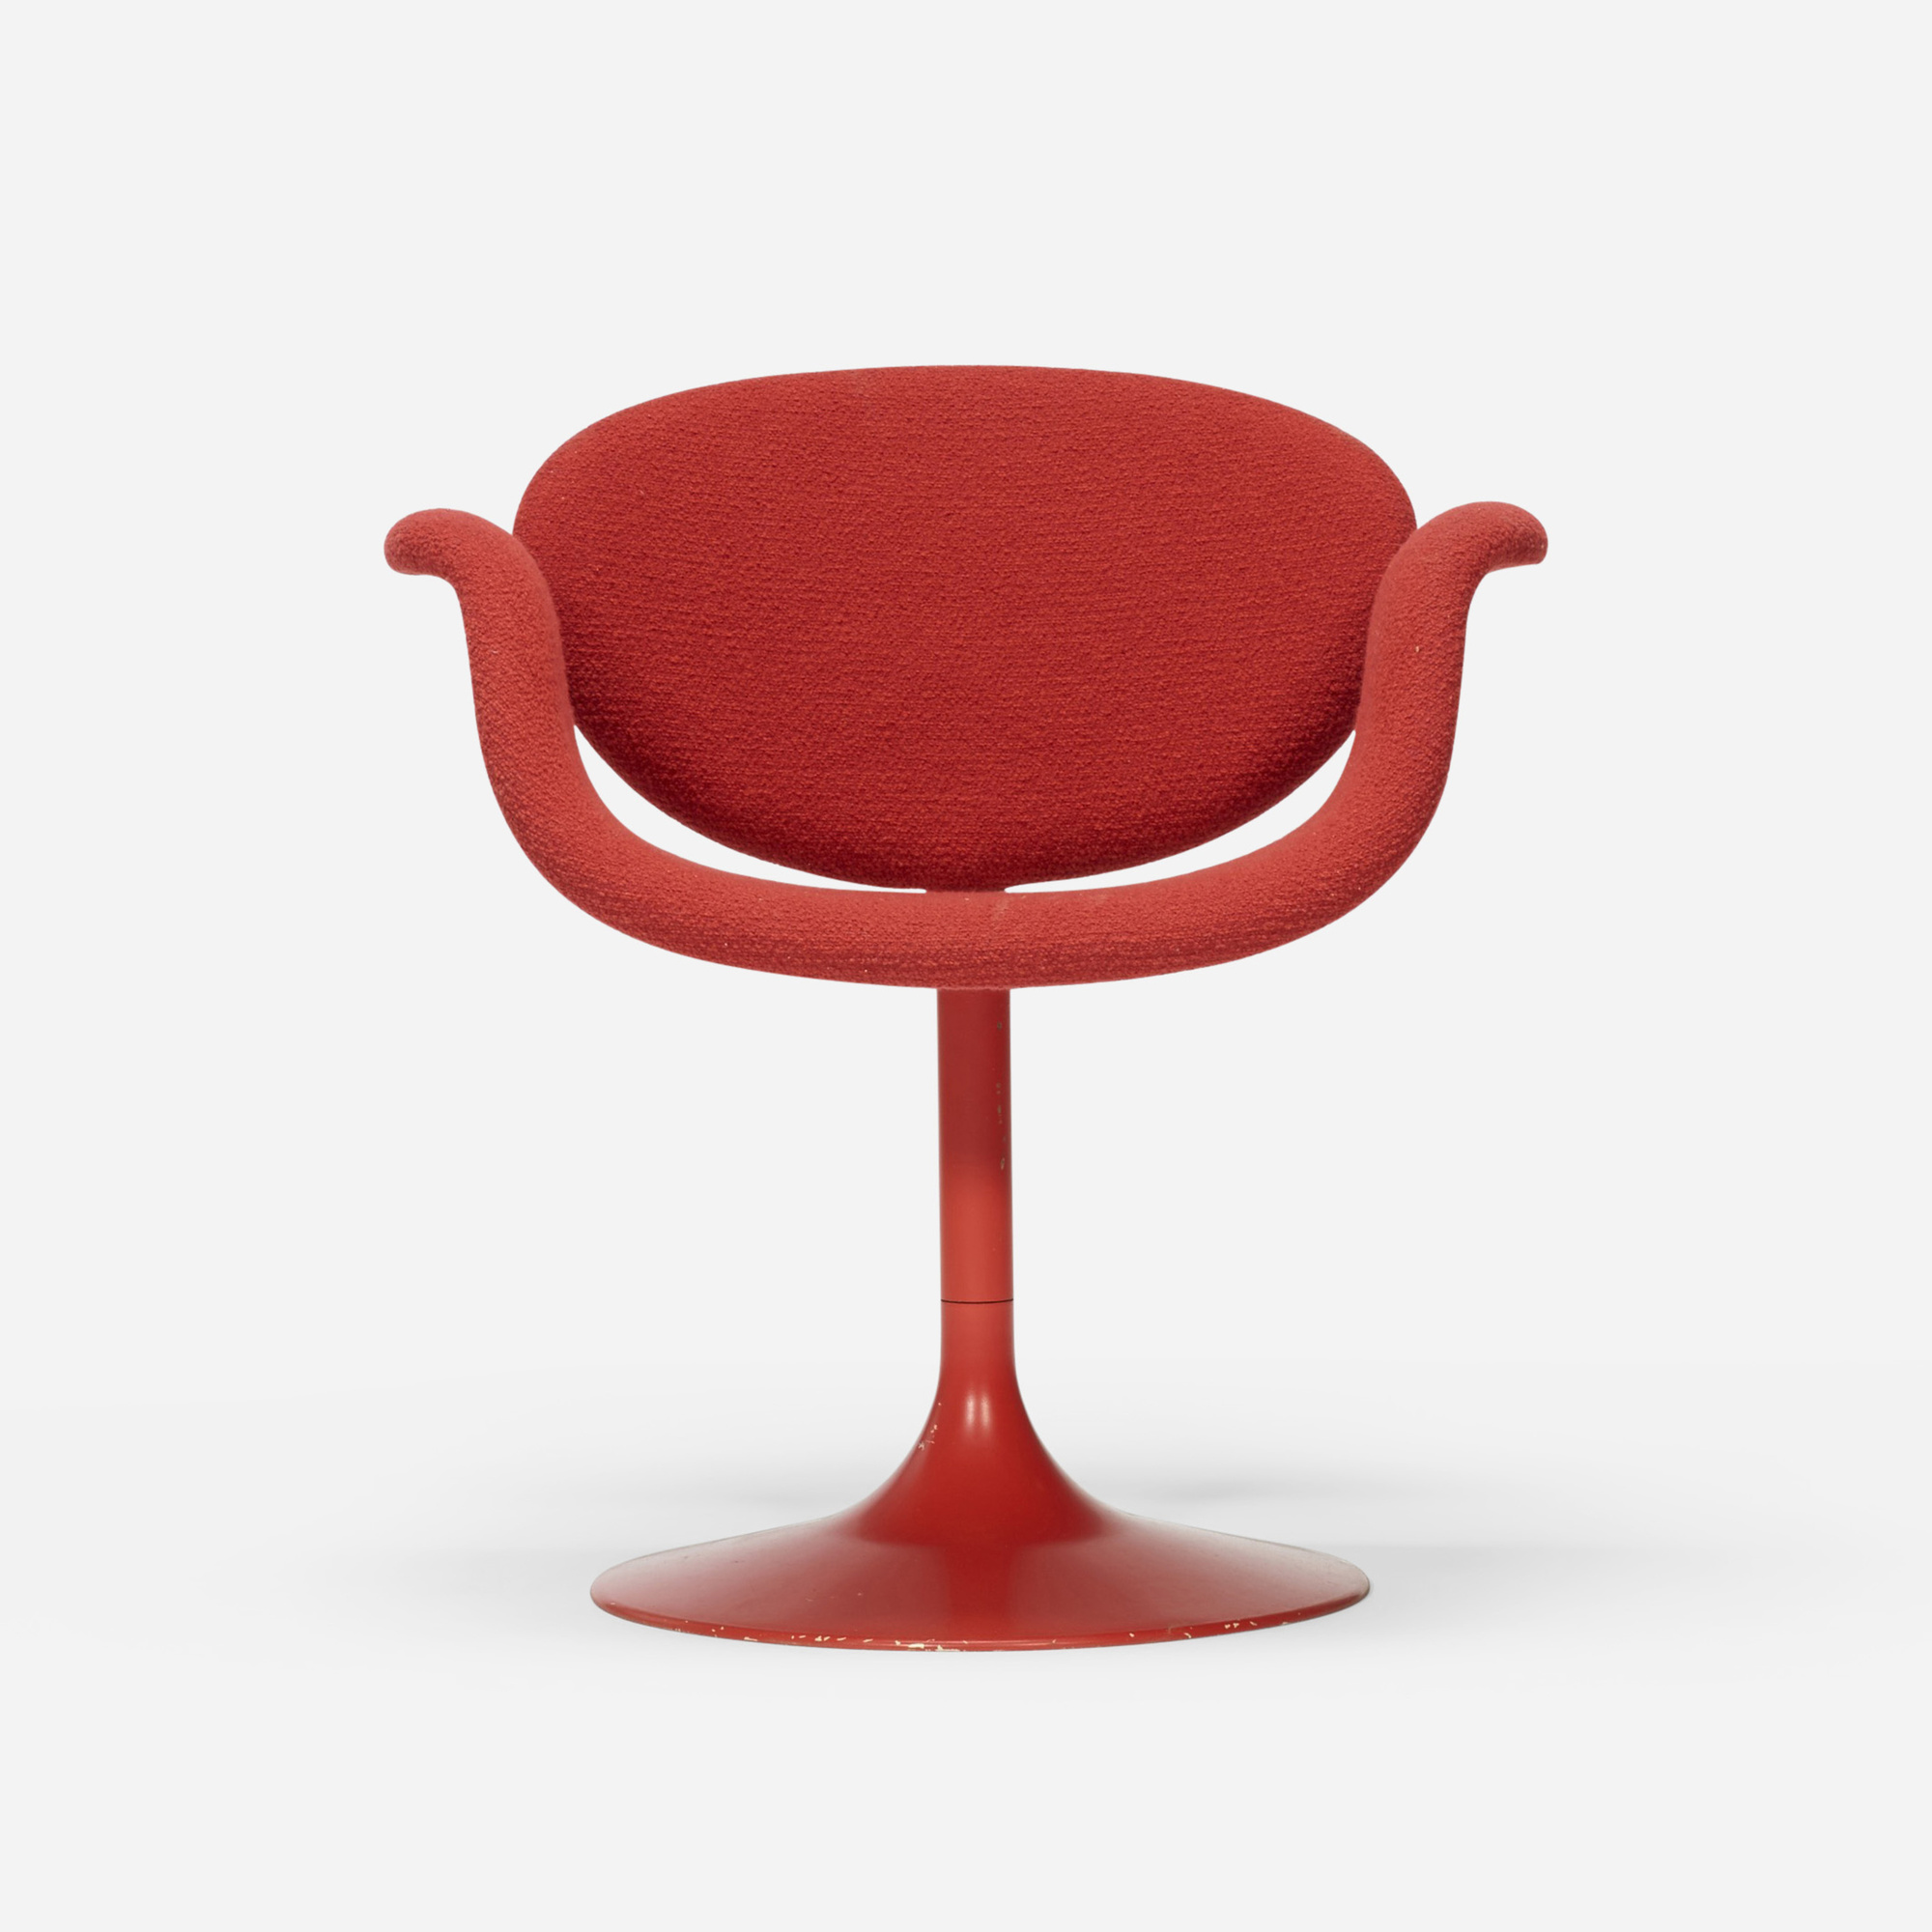 652: Pierre Paulin / Little Tulip armchair (1 of 3)